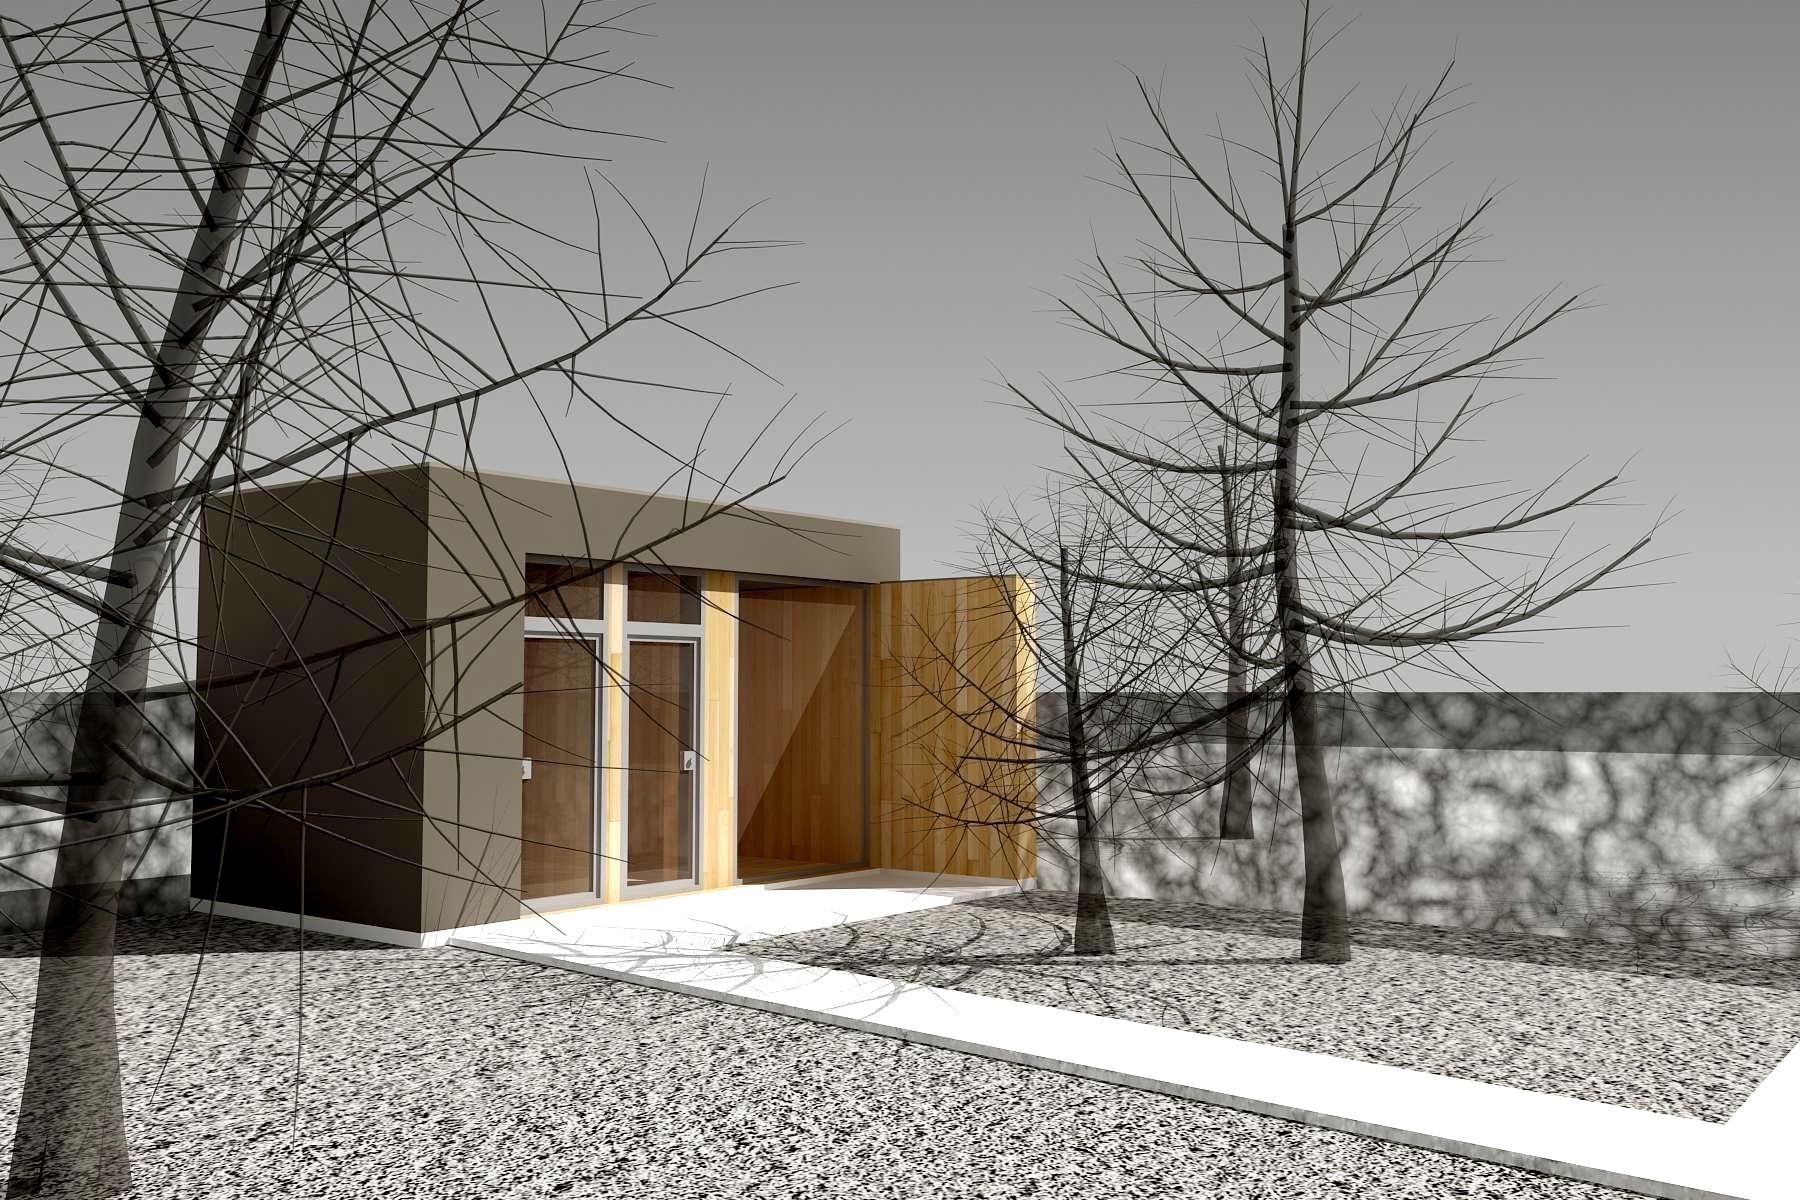 Štúdia stavby rodinného domu VI 08